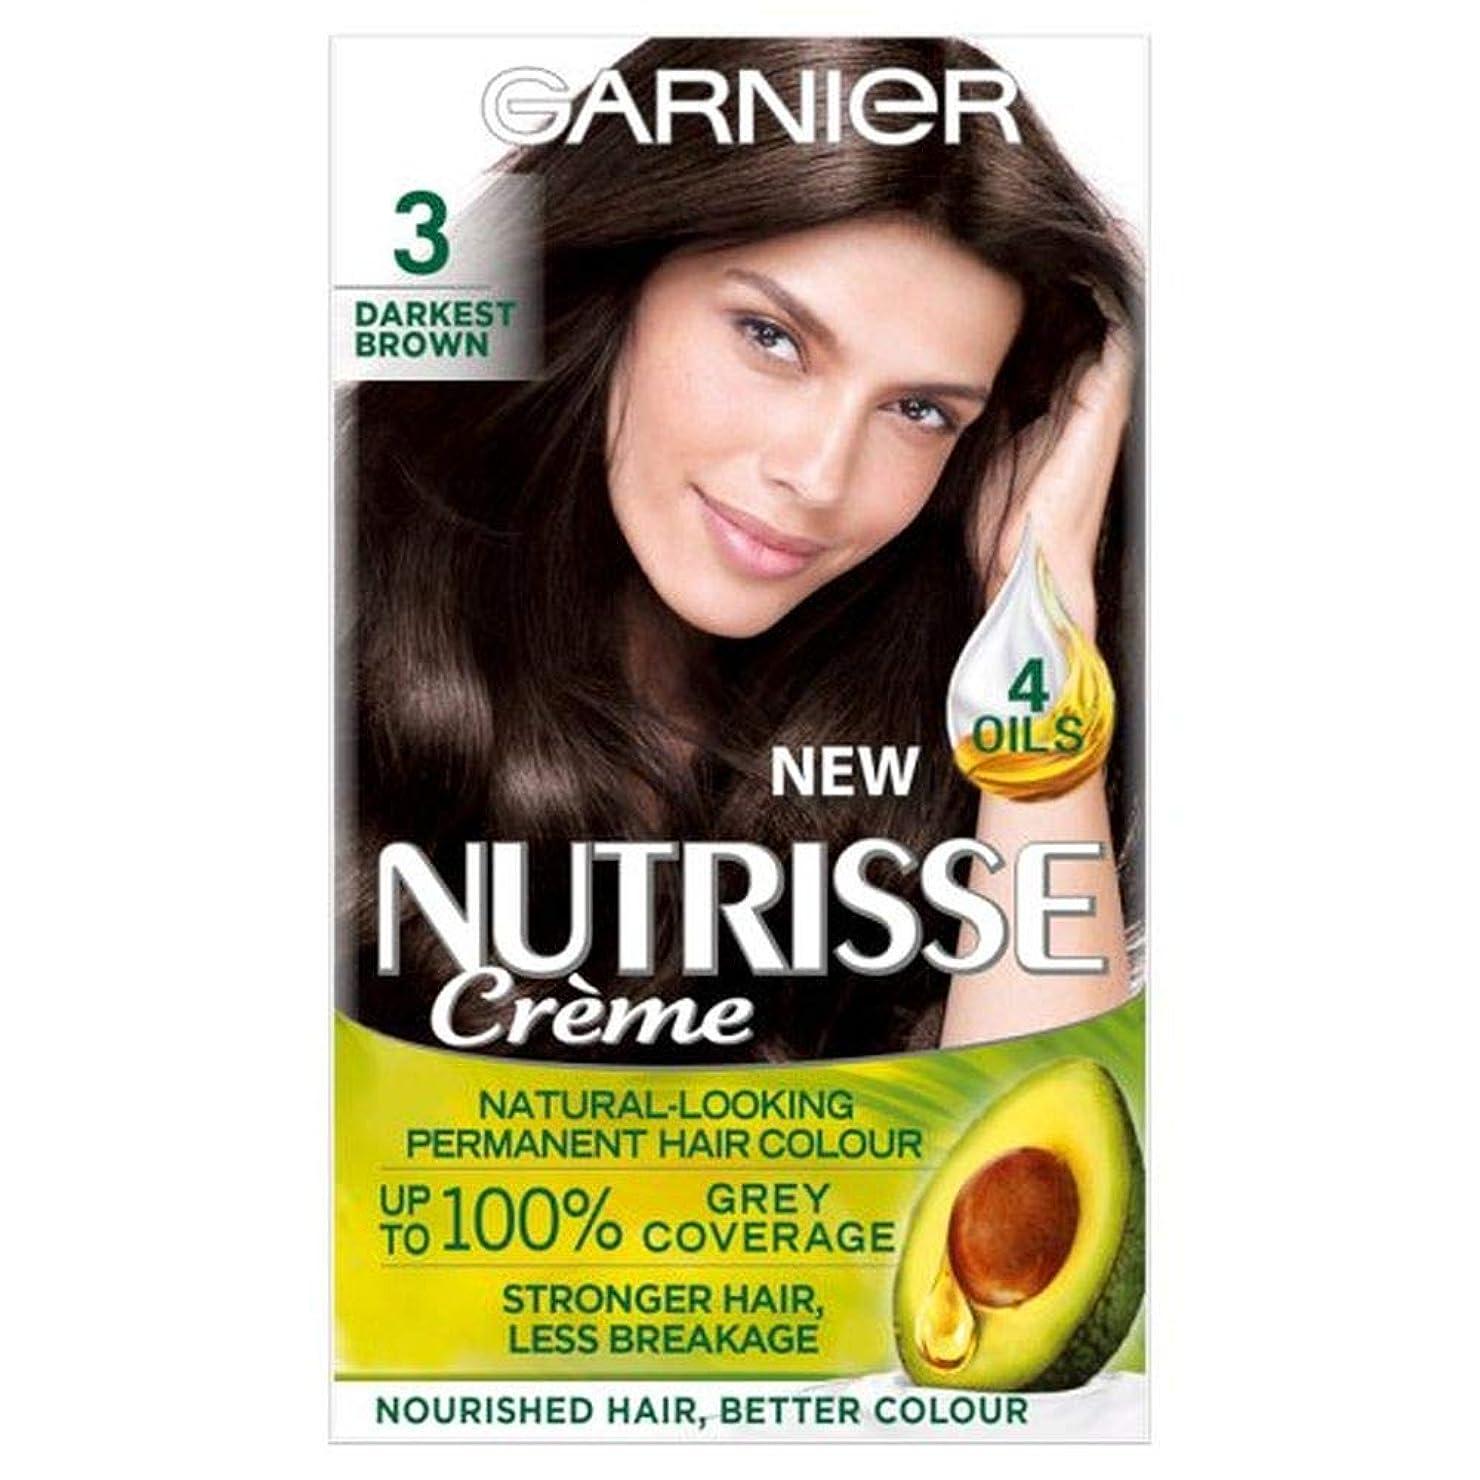 散らす呼吸寛大さ[Nutrisse] ガルニエNutrisse最も暗い茶色の永久染毛剤 - Garnier Nutrisse Darkest Brown Permanent Hair Dye [並行輸入品]